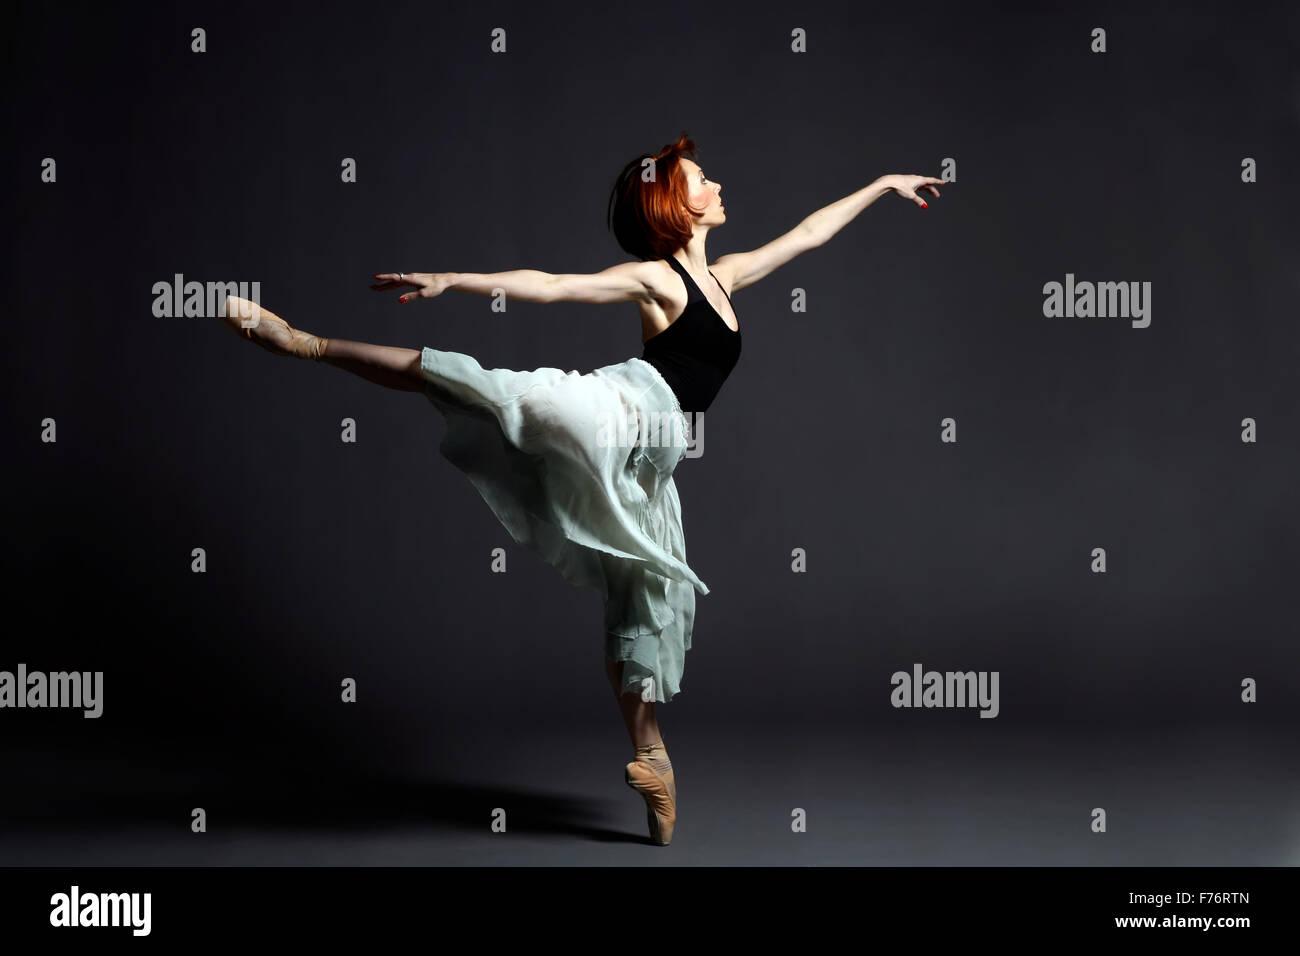 Bailarina de Ballet de realizar en el escenario Imagen De Stock